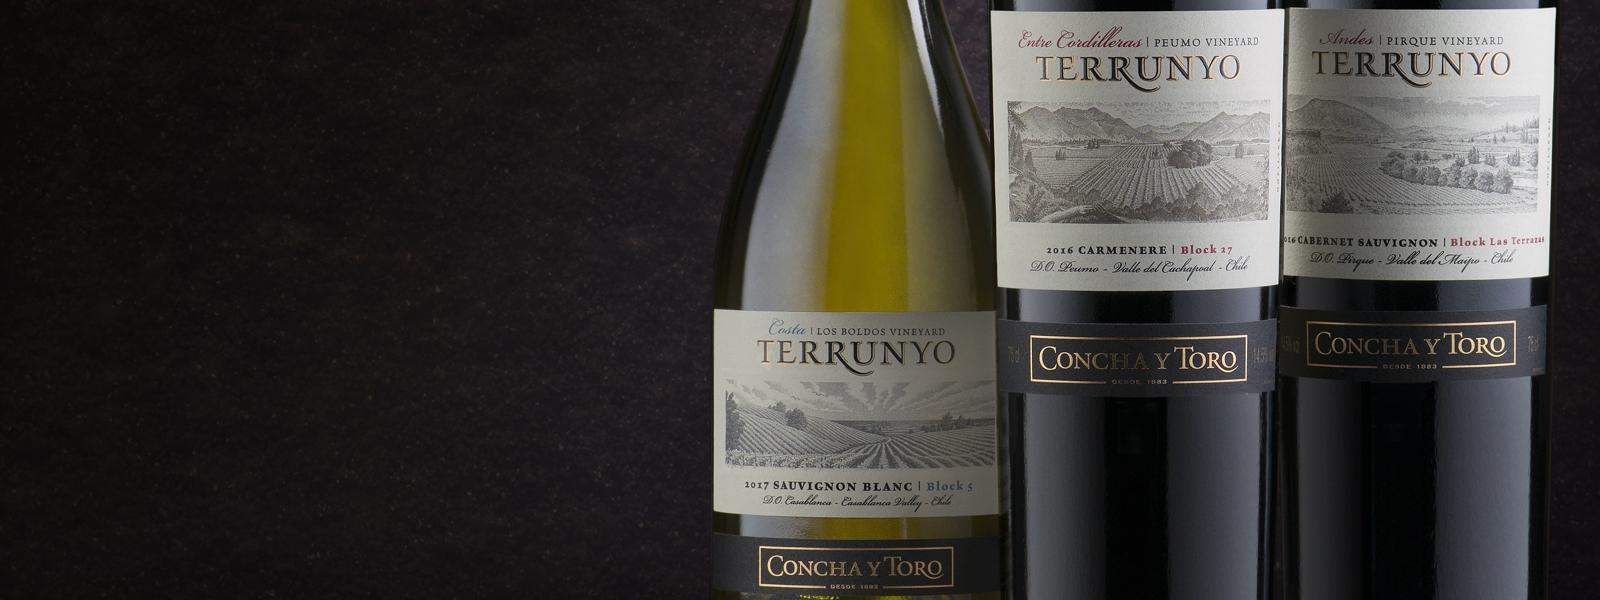 Terrunyo Sauvignon Blanc 2018 es elegido Mejor Vino de Casablanca en Descorchados 2019